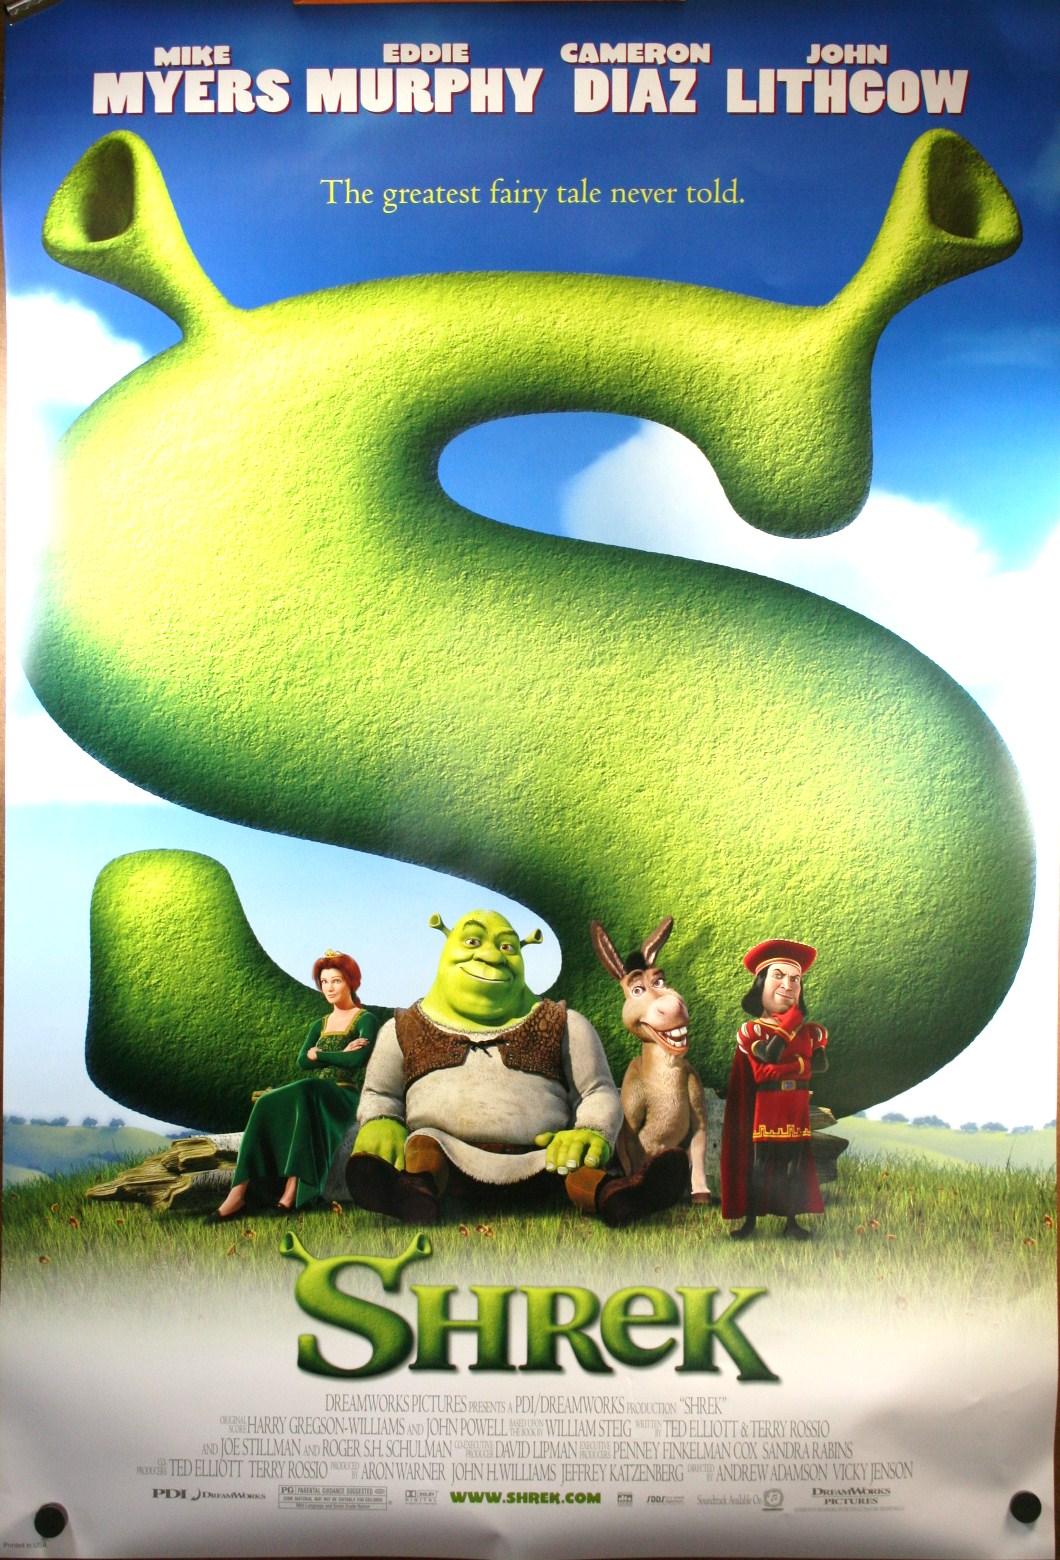 Shrek (2001) – joel watches movies